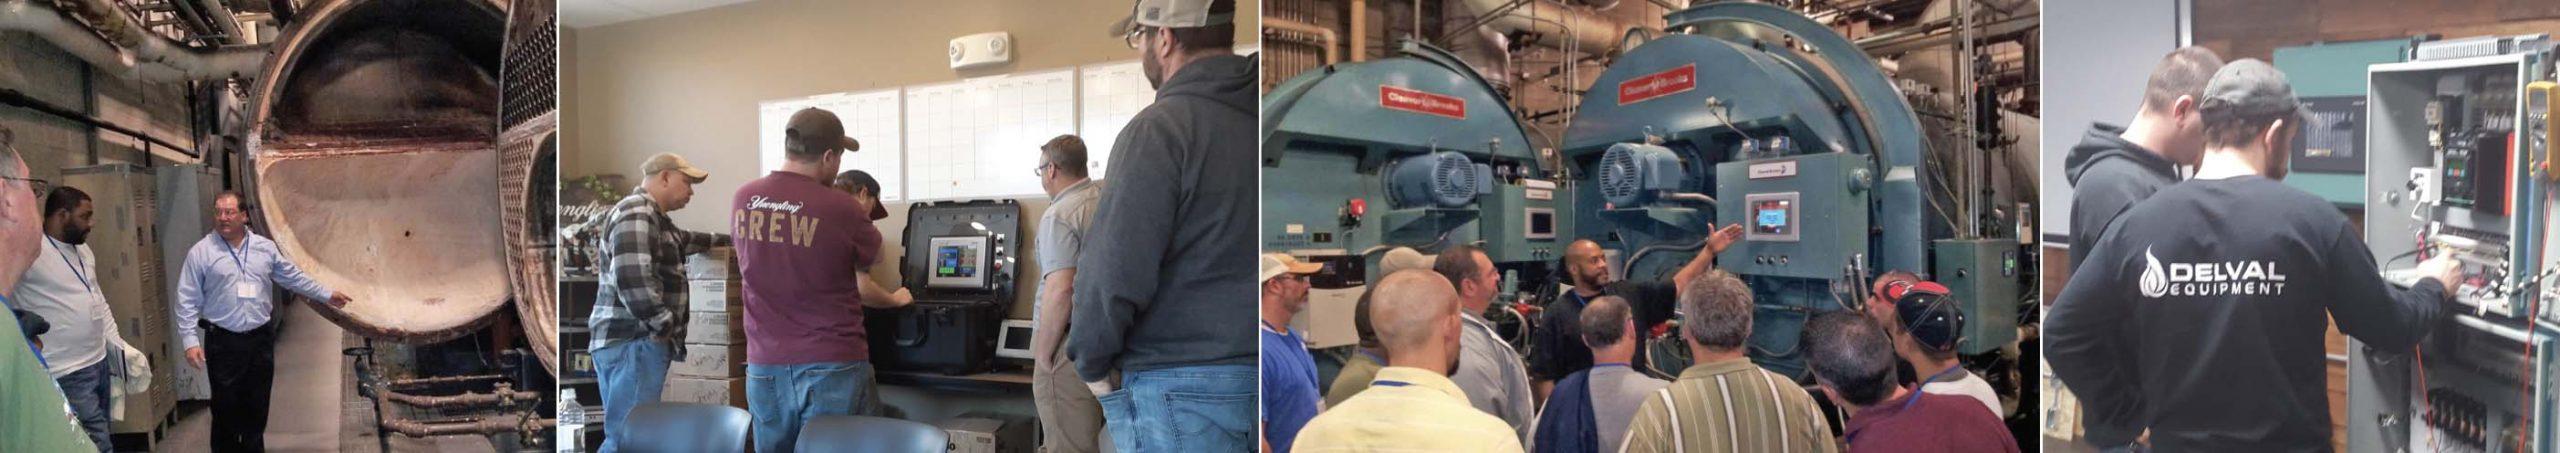 Customer Boiler Equipment Training